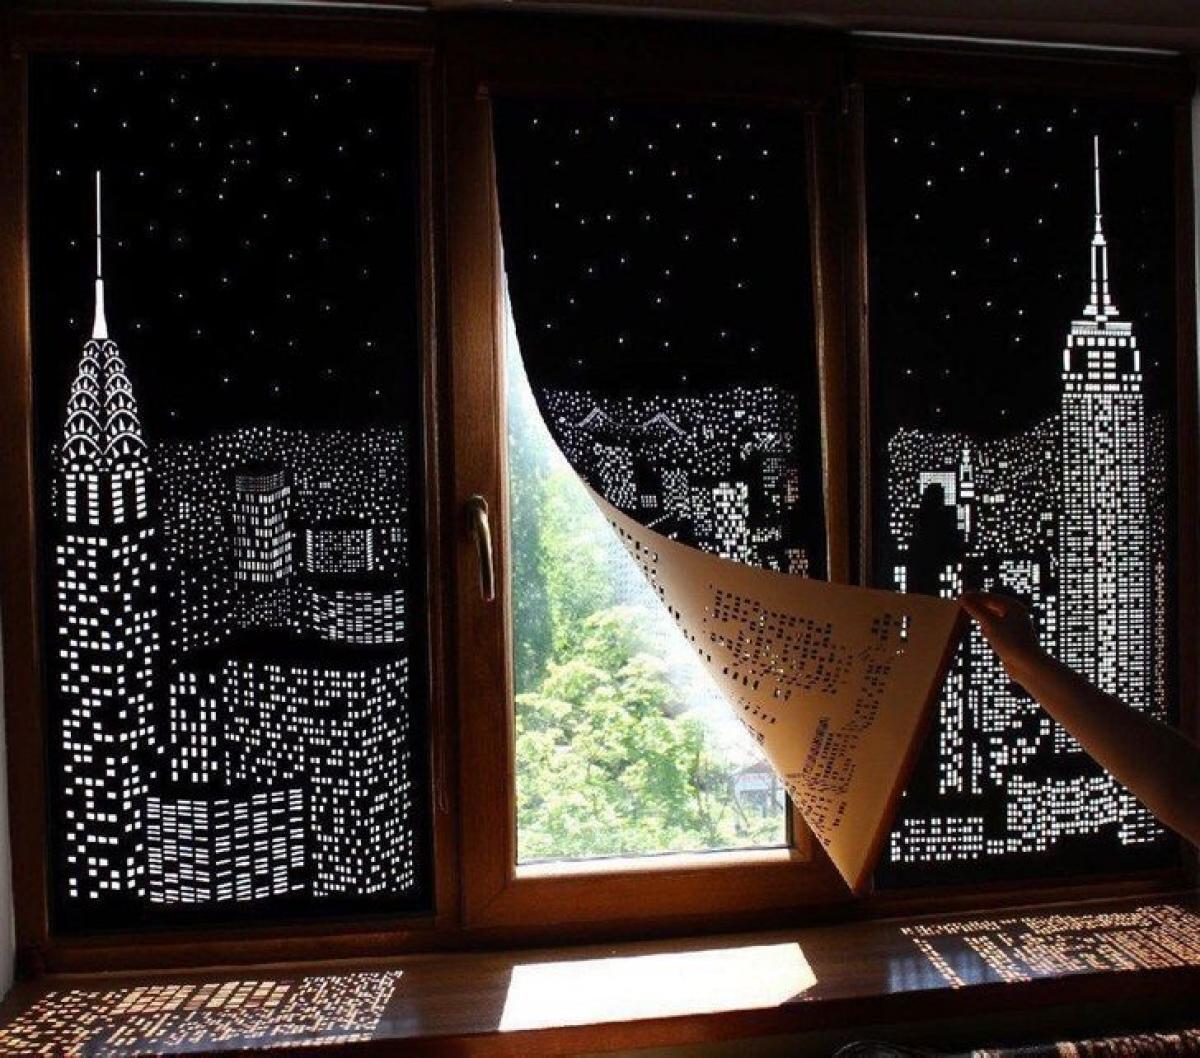 Rèm cửa thông minh tận dụng ánh sáng mặt trời để tạo thành bức tranh sinh động.